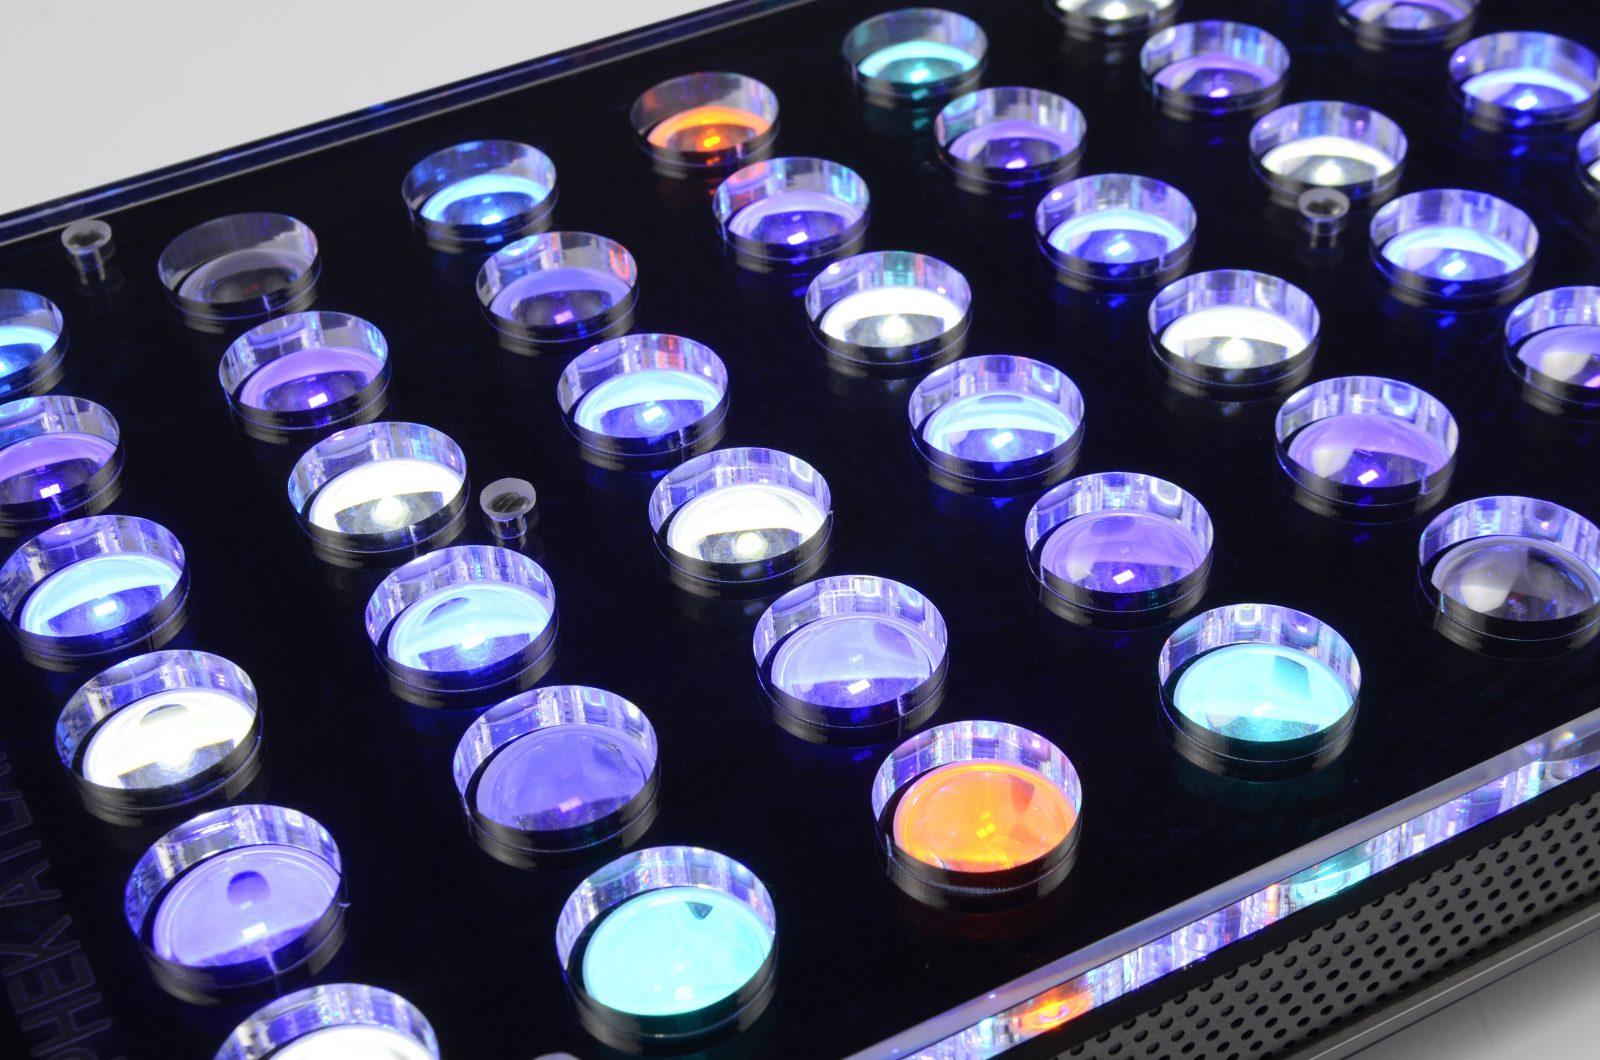 2022 Best Reef Aquarium LED light